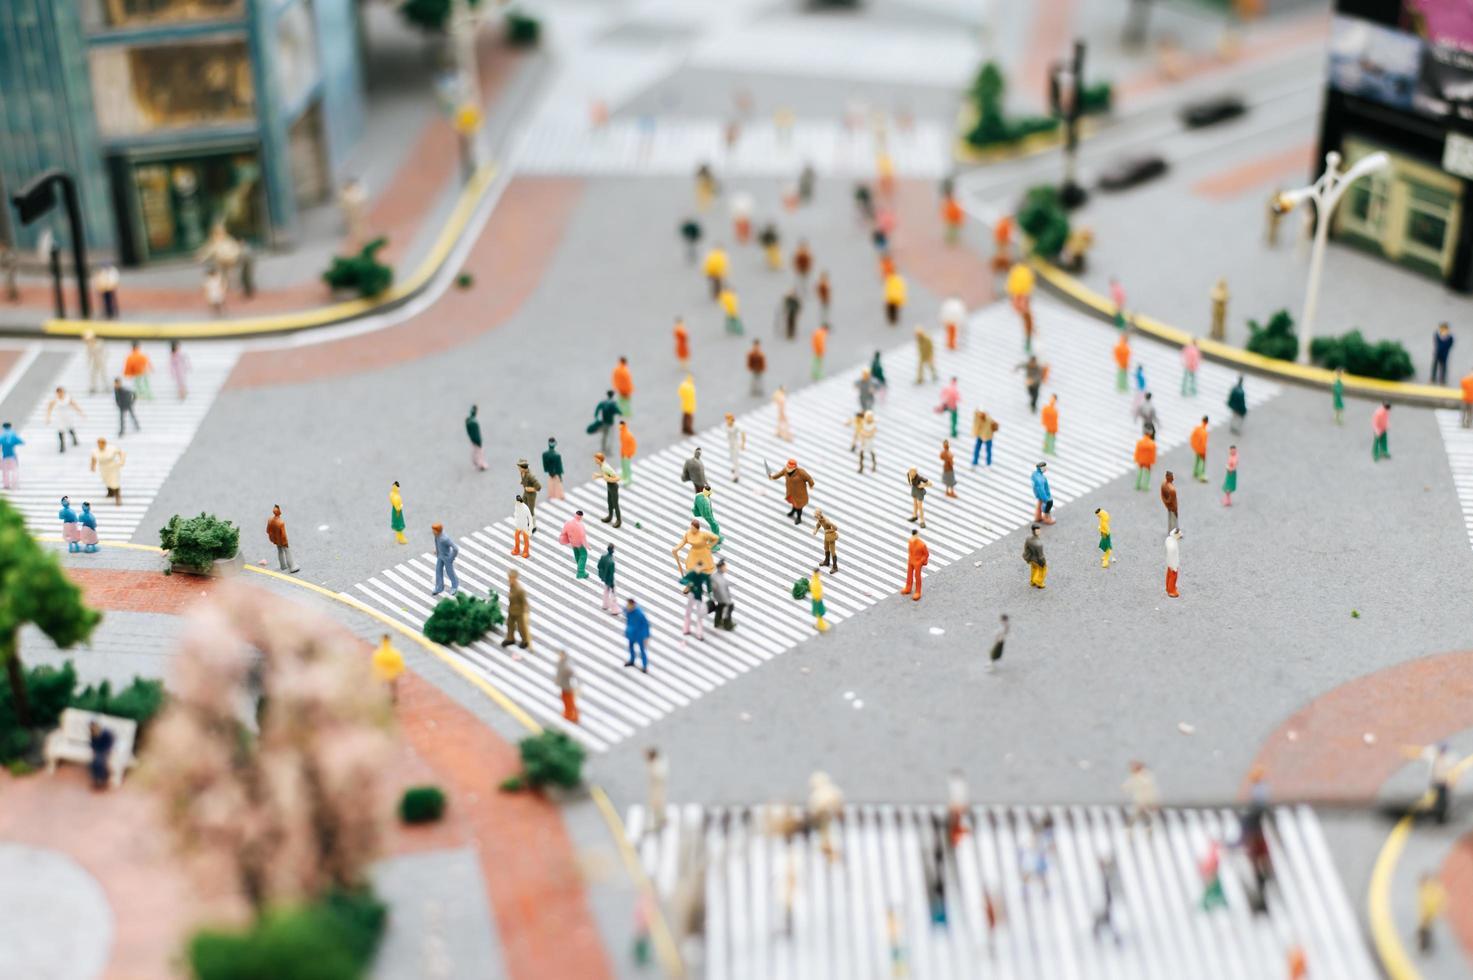 pequena mudança de inclinação pessoas paisagem urbana foto